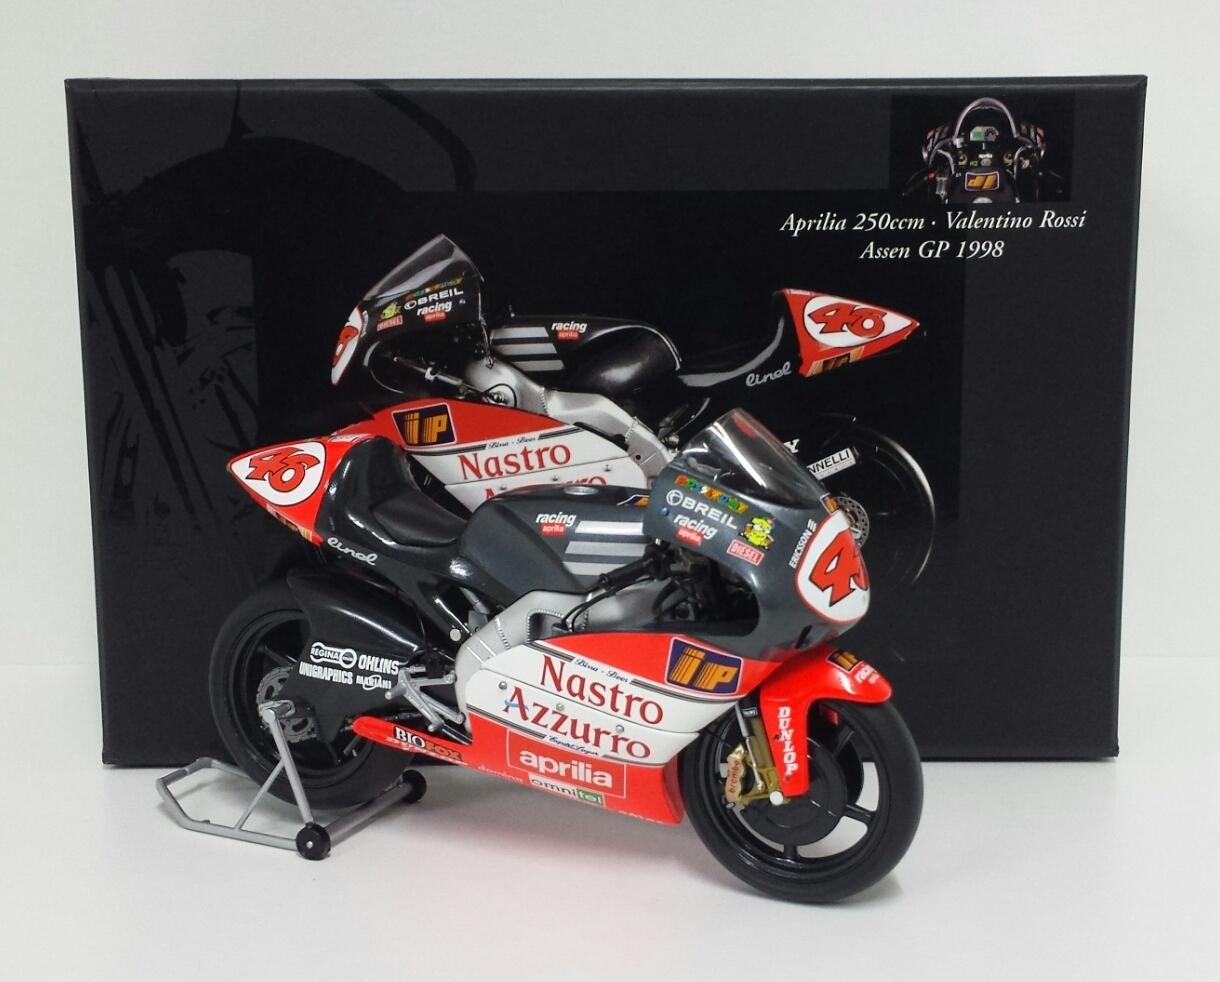 MINICHAMPS VALENTINO ROSSI 1/12 MODELLINO MOTO APRILIA RSW 250cc WINNER GP ASSEN 1998 RARE NEW